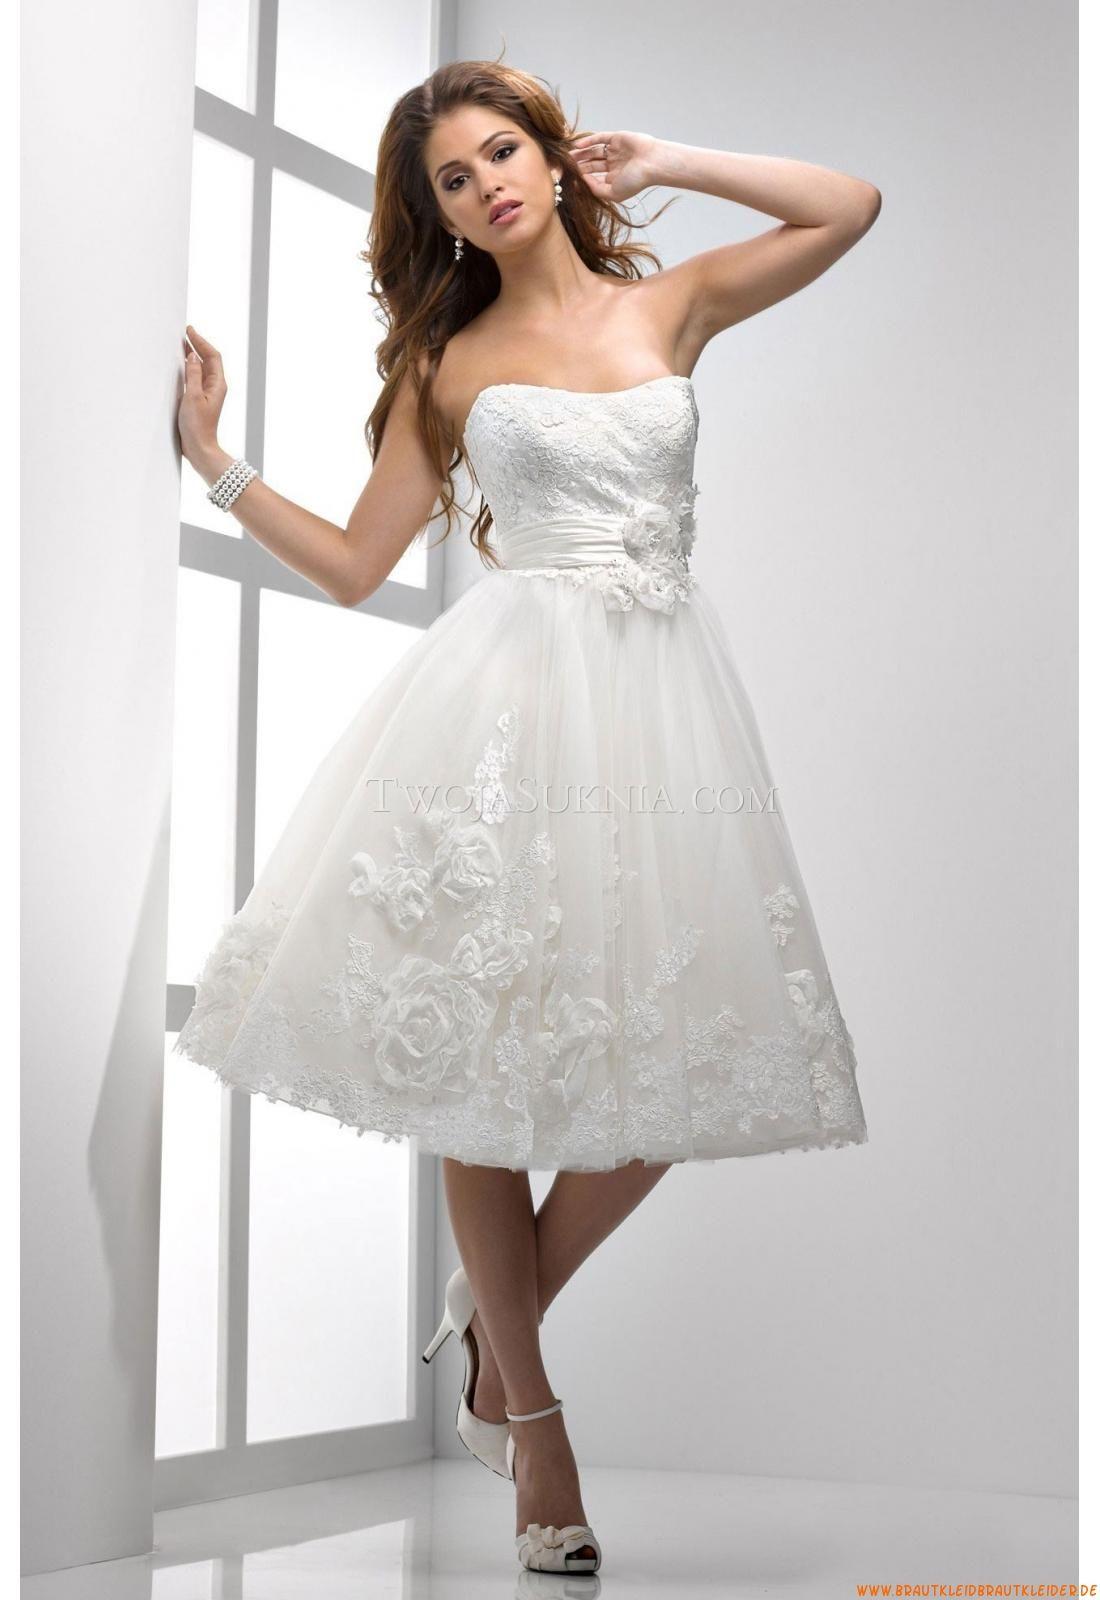 Designer Knielang Kurze Romantische Brautkleider  Brautkleid kurz